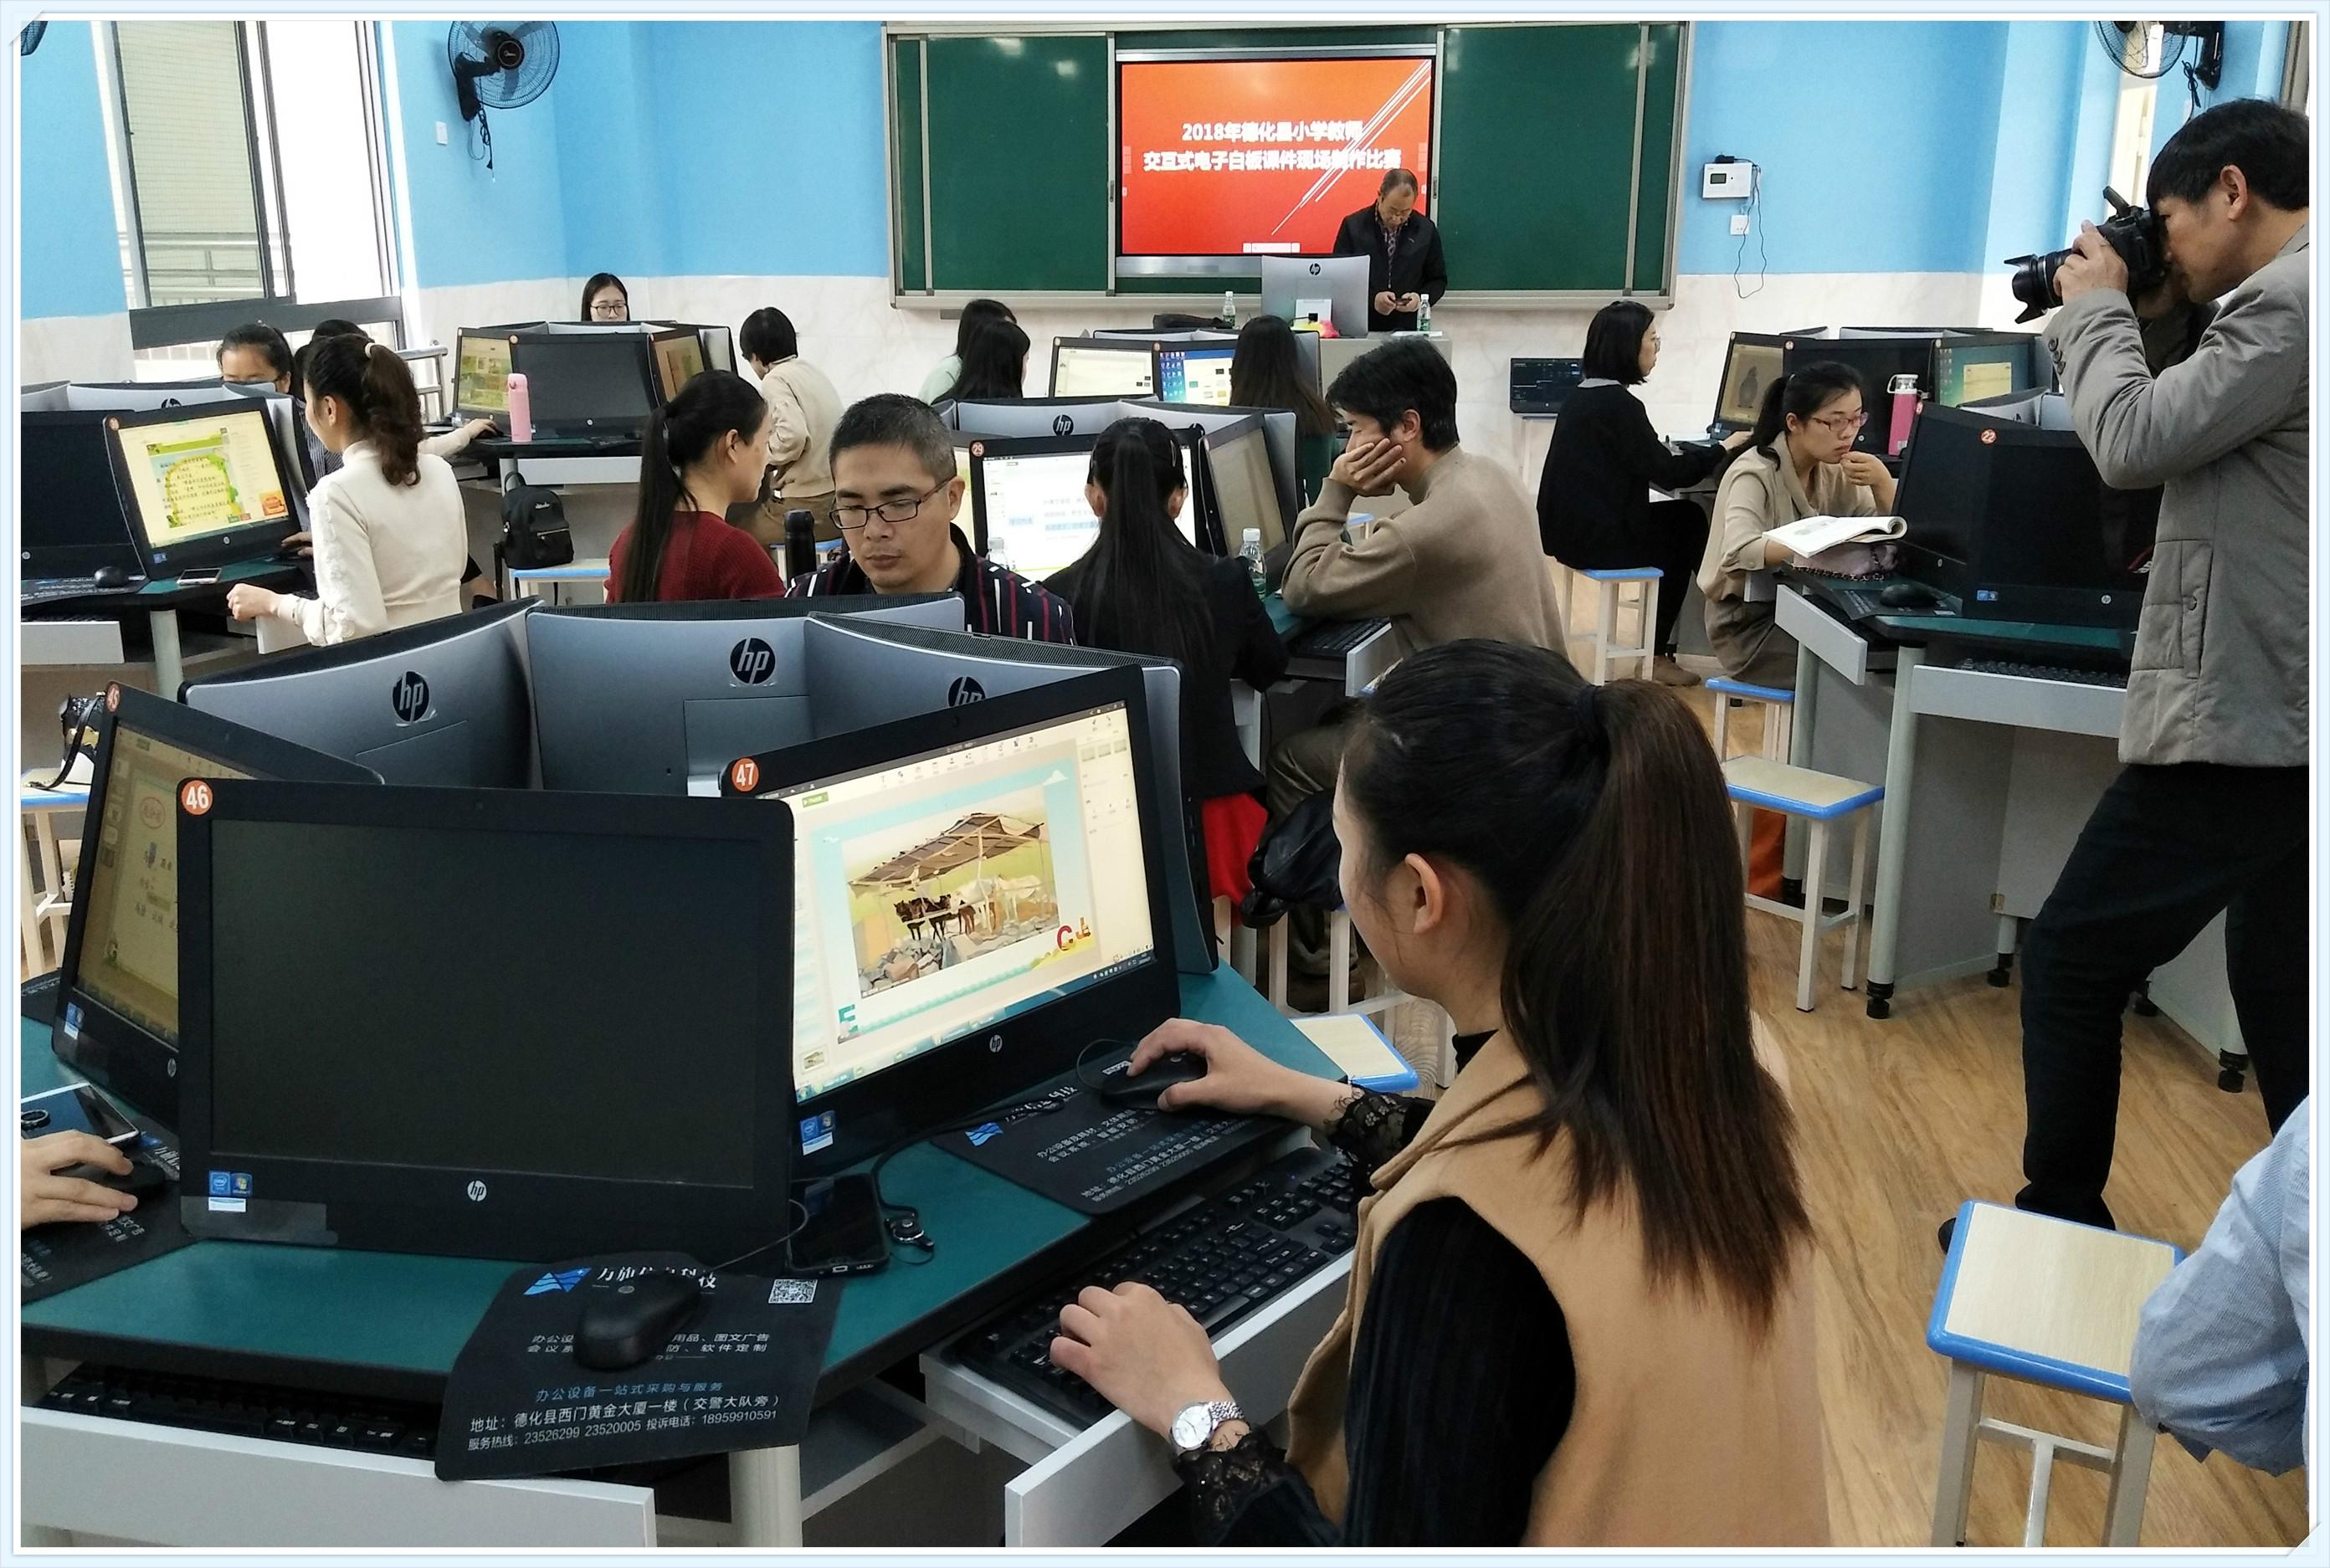 德化县举办小学教师交互式电子白板课件现场制第文山二小学图片